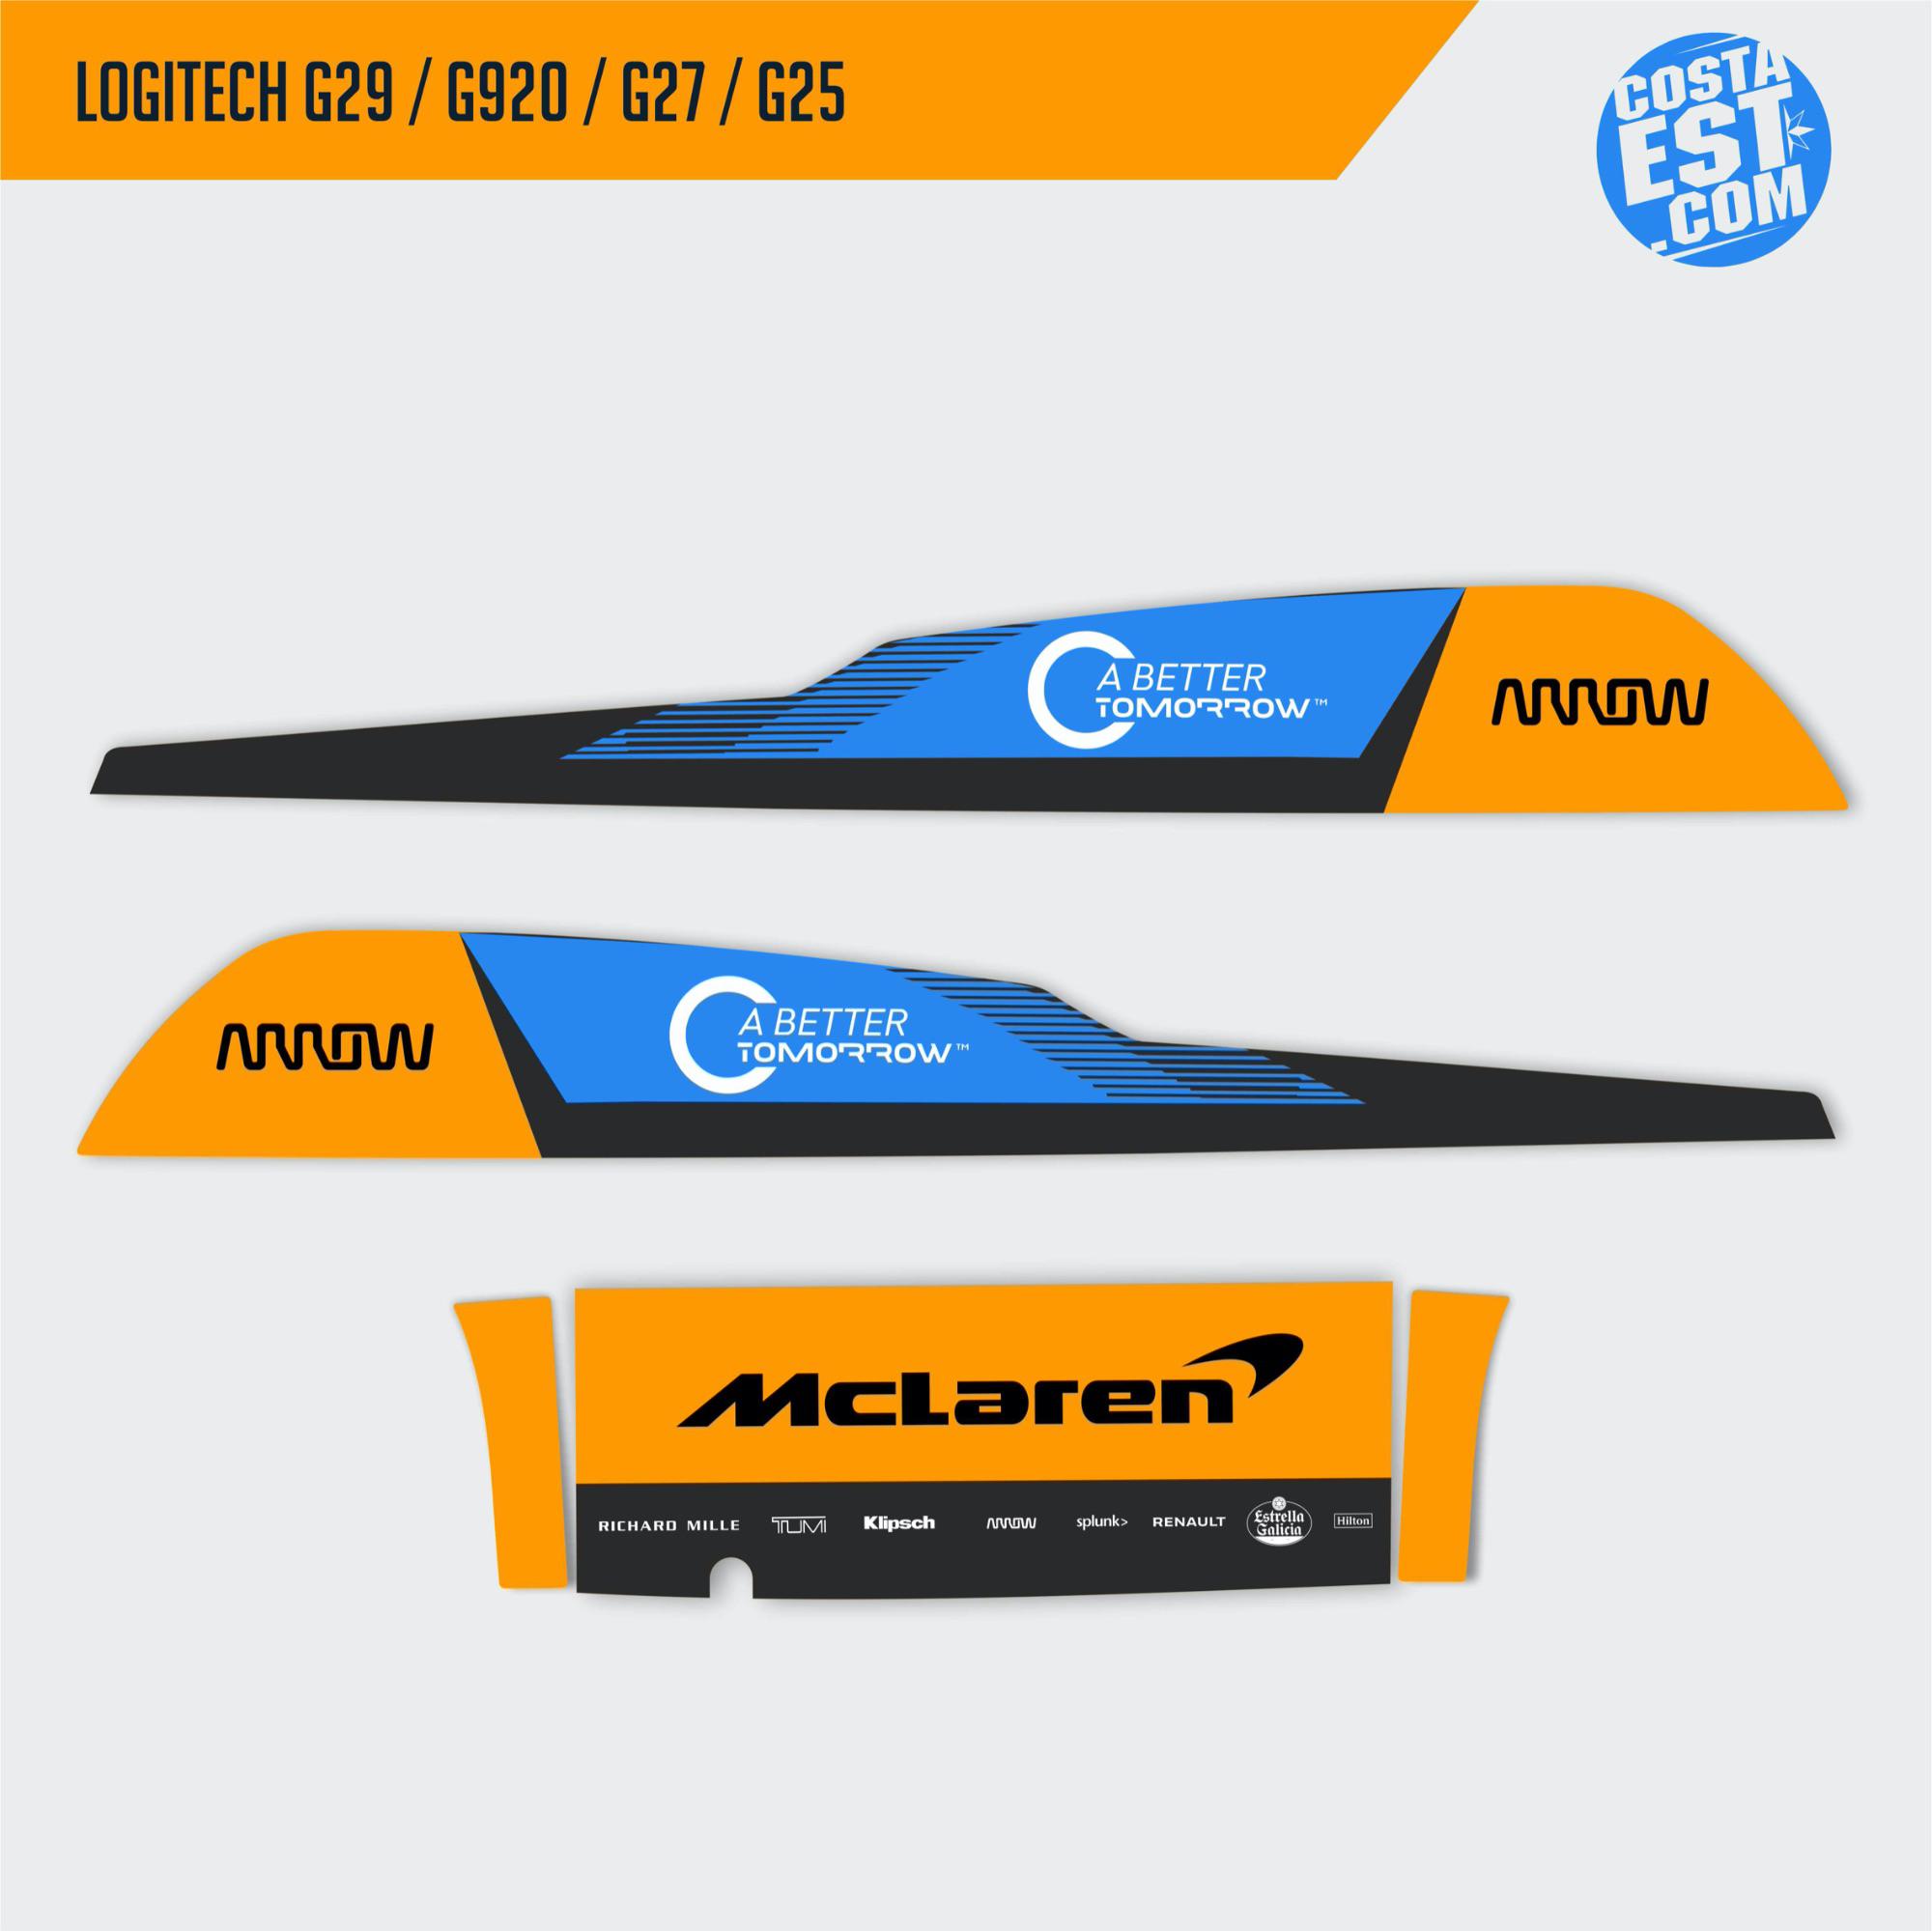 adesivi-pedaliera-logitech-g29-g920-g27-g25-replica-mclaren